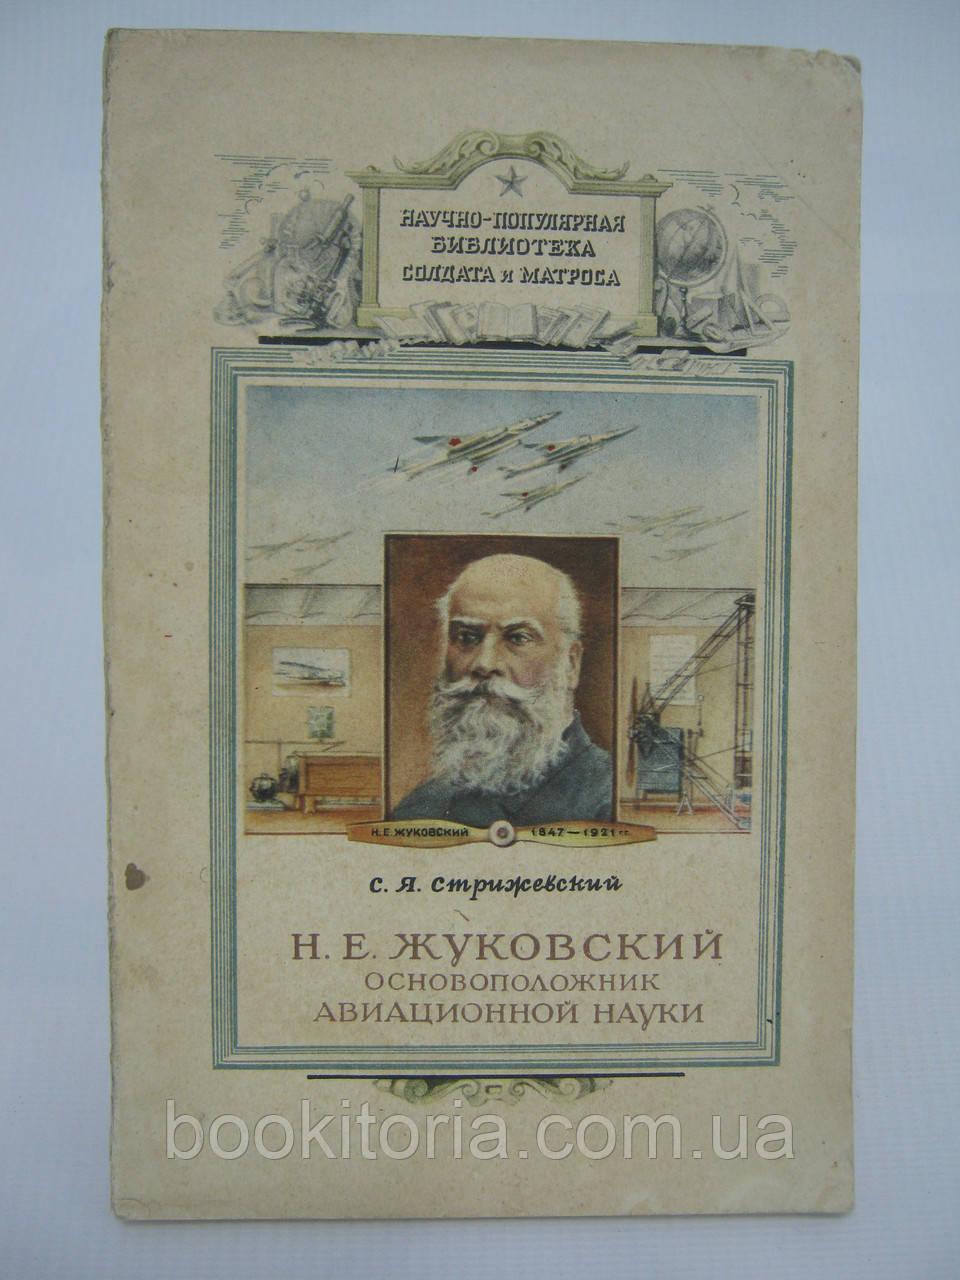 Стрижевский С.Я. Н.Е. Жуковский – основоположник авиационной науки (б/у).